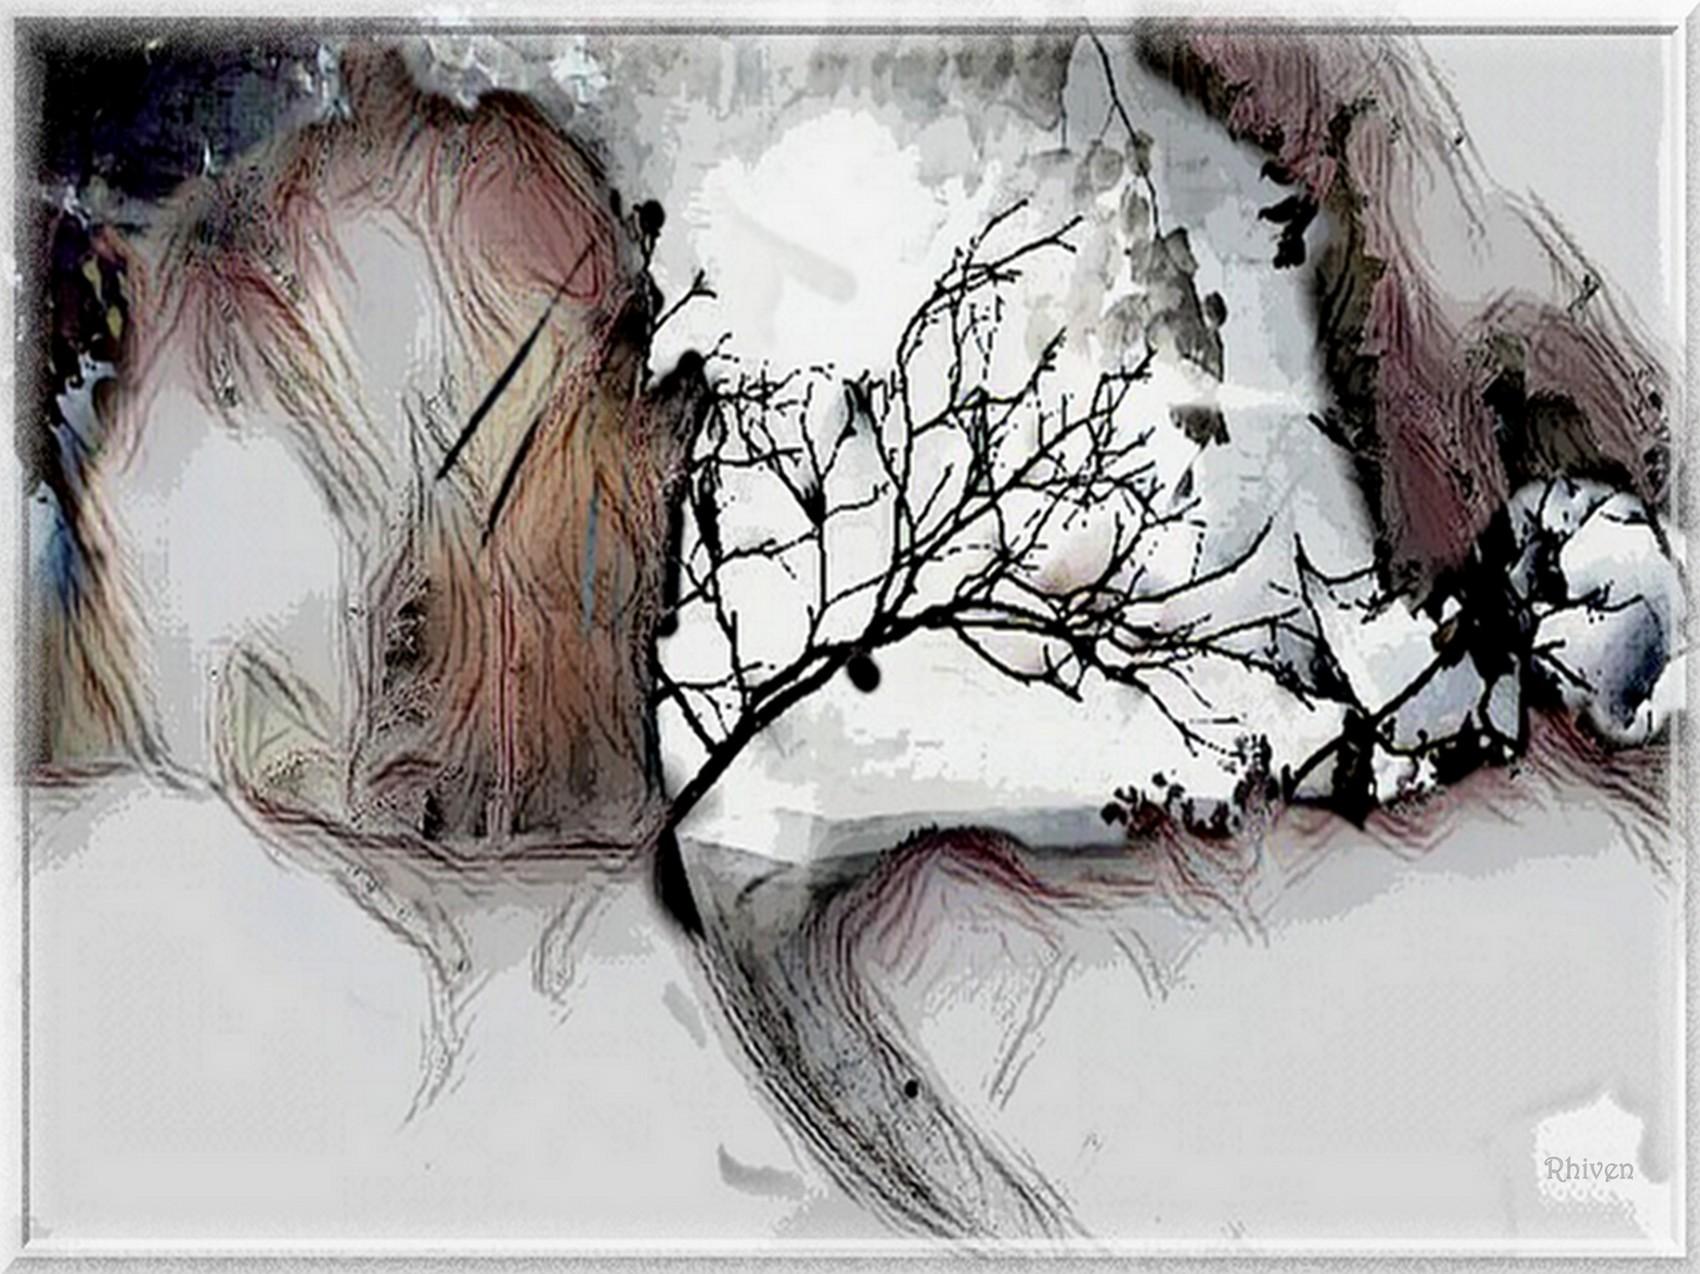 Winter 's coming version monochrome